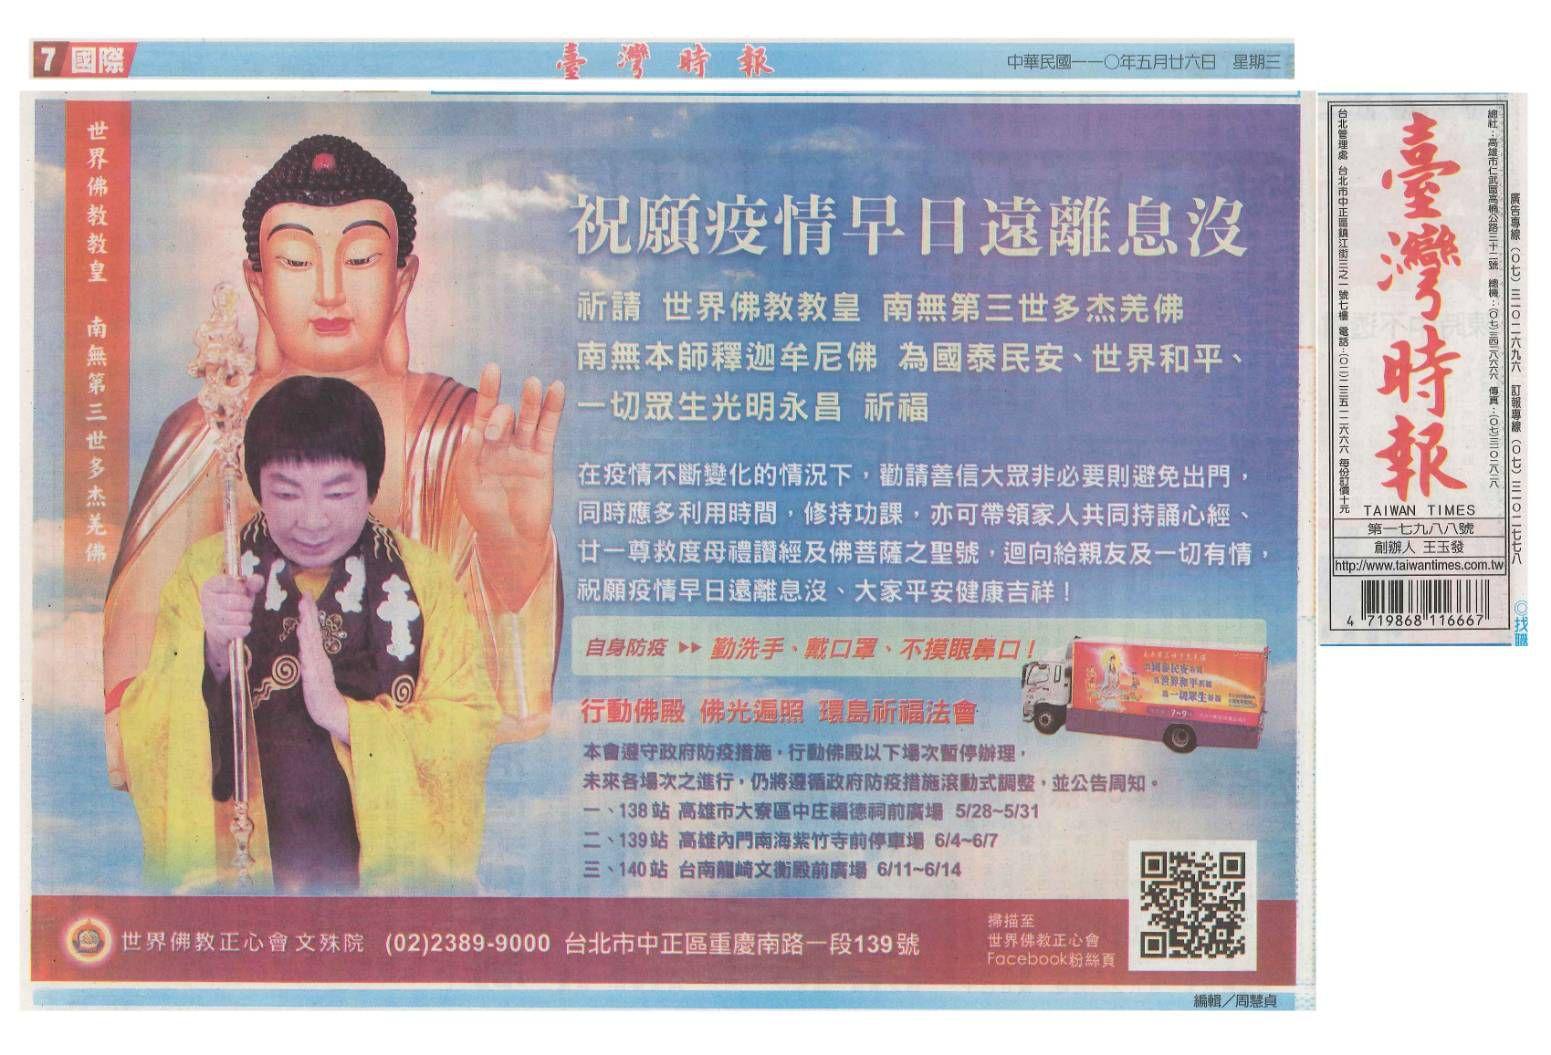 [台灣時報]祝願疫情早日遠離息沒(2021年5月26日)(世界佛教正心會)